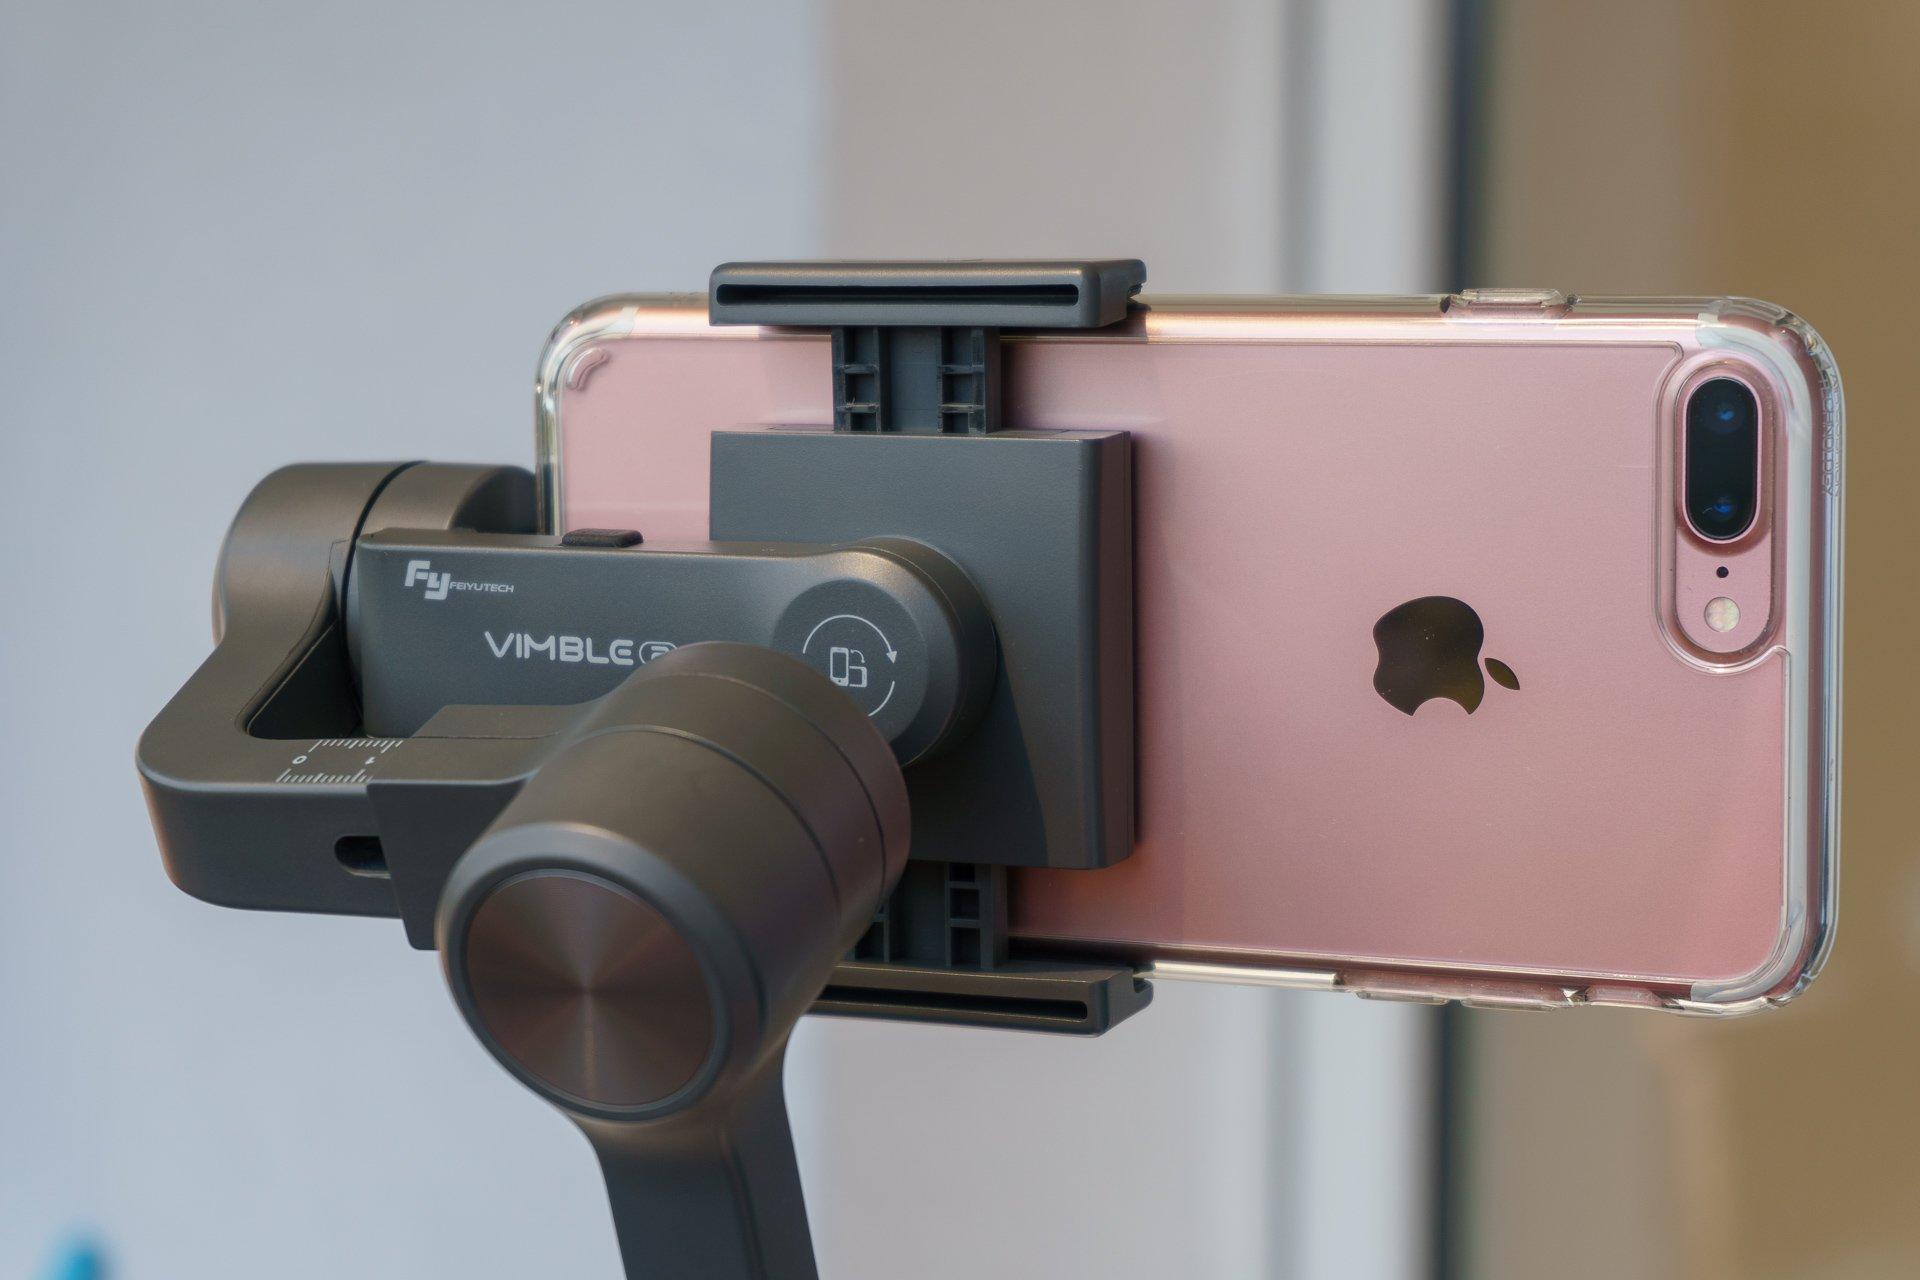 Recenzja Gimbal FeiyuTech Vimble 2 – selfie stick wymyślony na nowo 22